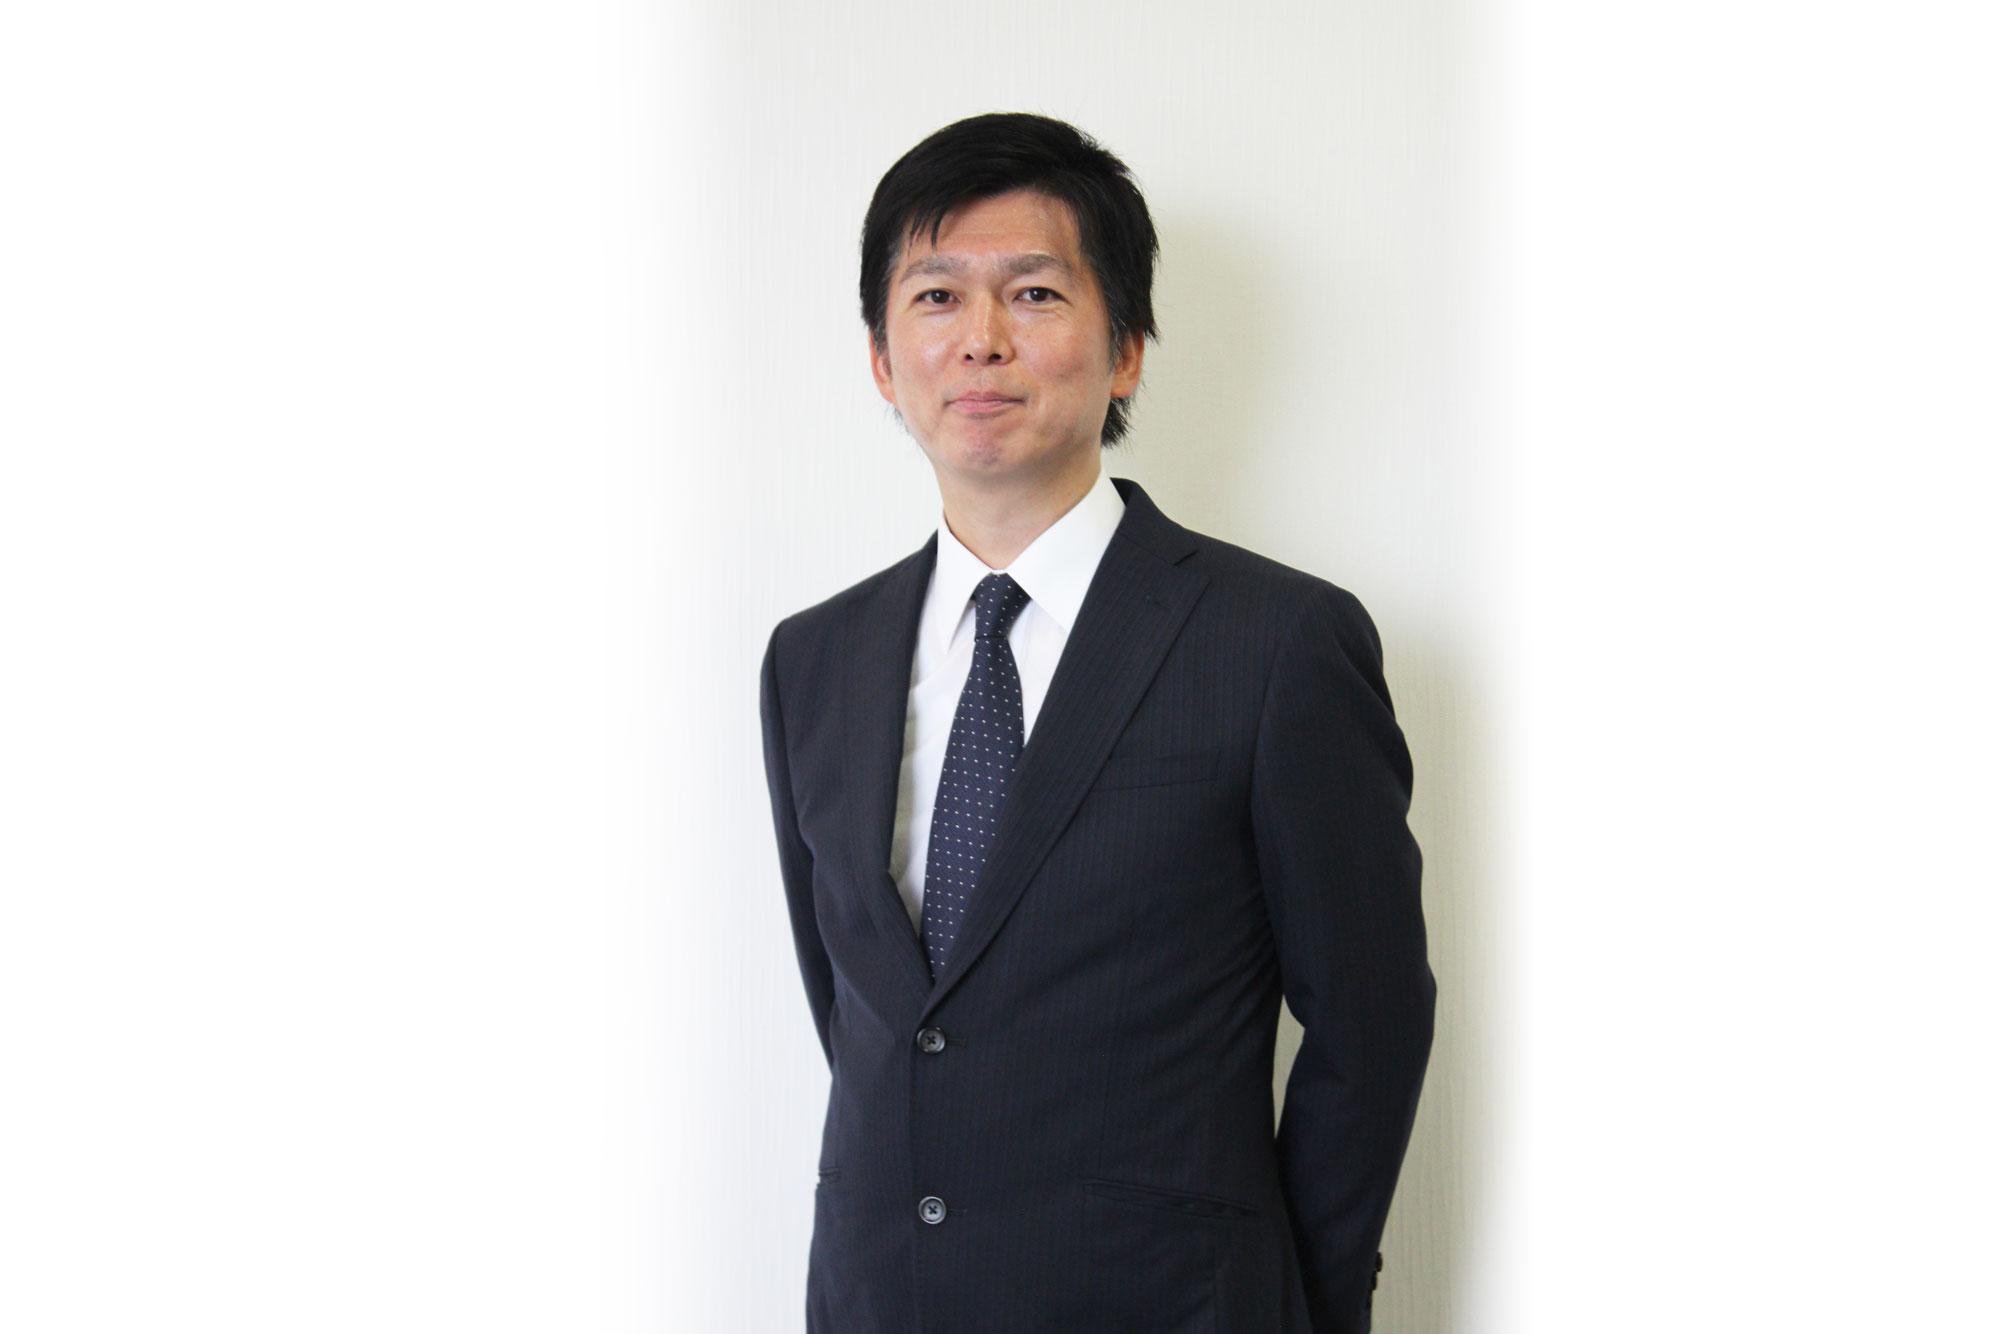 代表取締役社長 山田 卓司